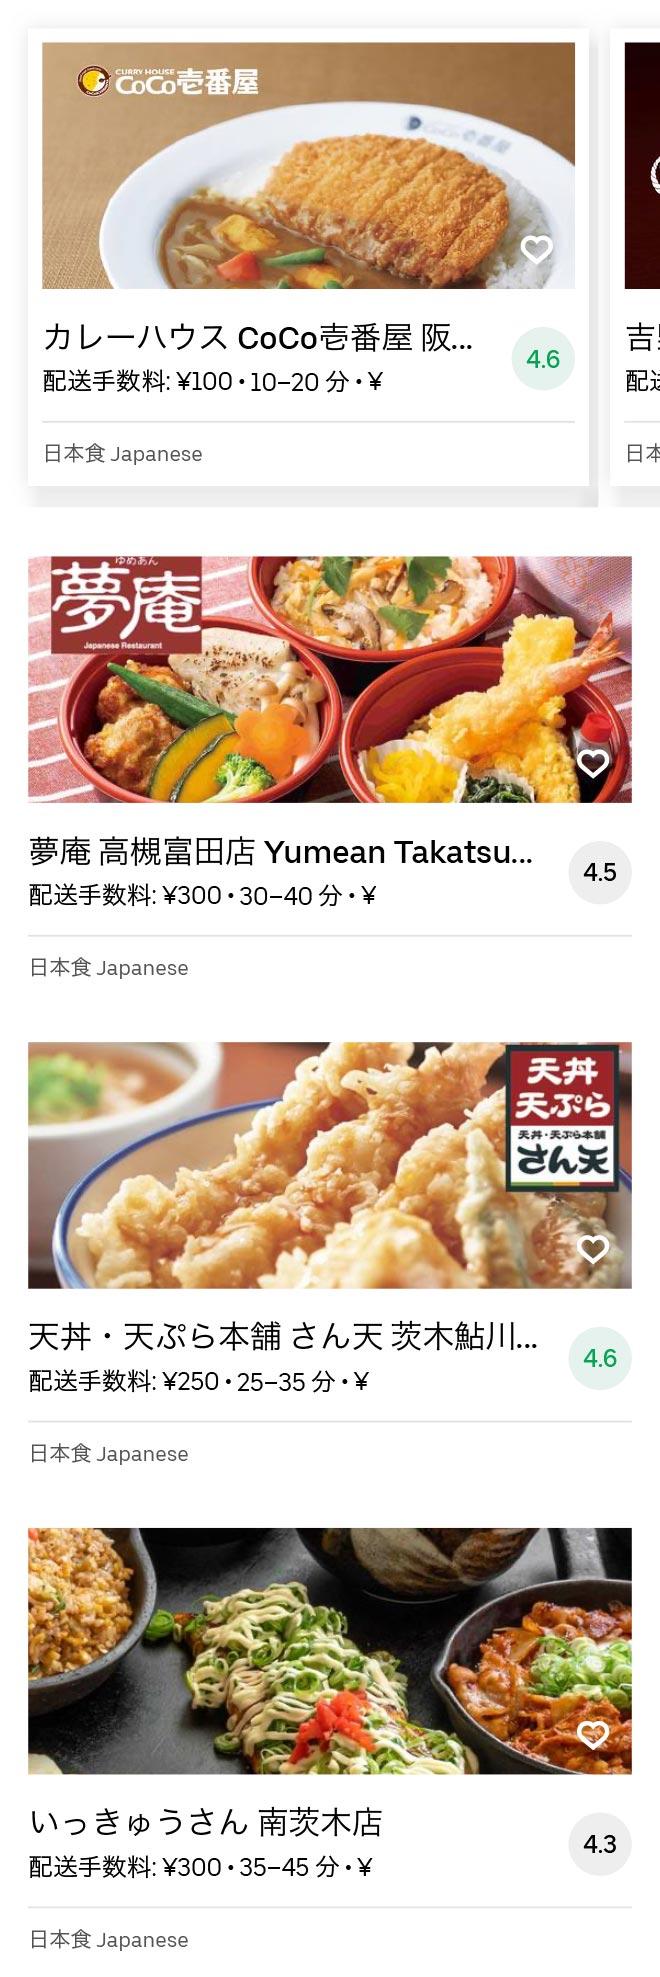 Ibaraki shi menu 2008 03